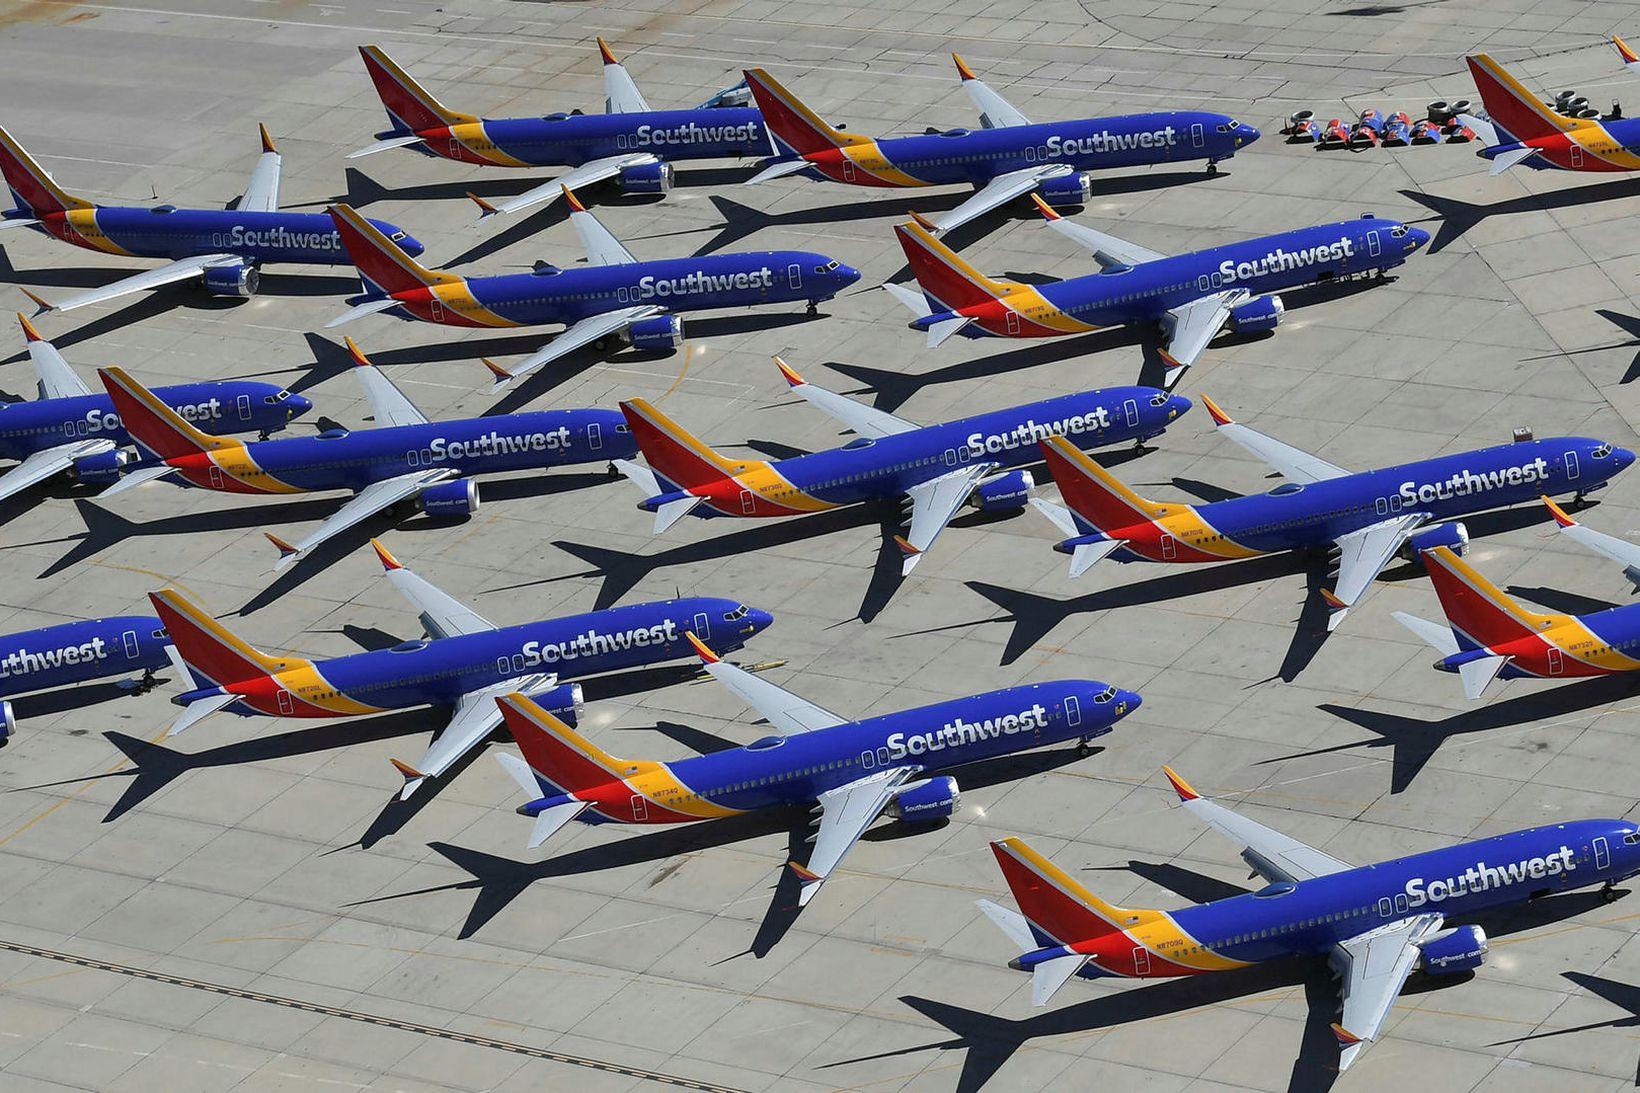 Kyrrsettar 737 MAX farþegaþotur Southwest safna ryki. Þegar flugbanni MAX …